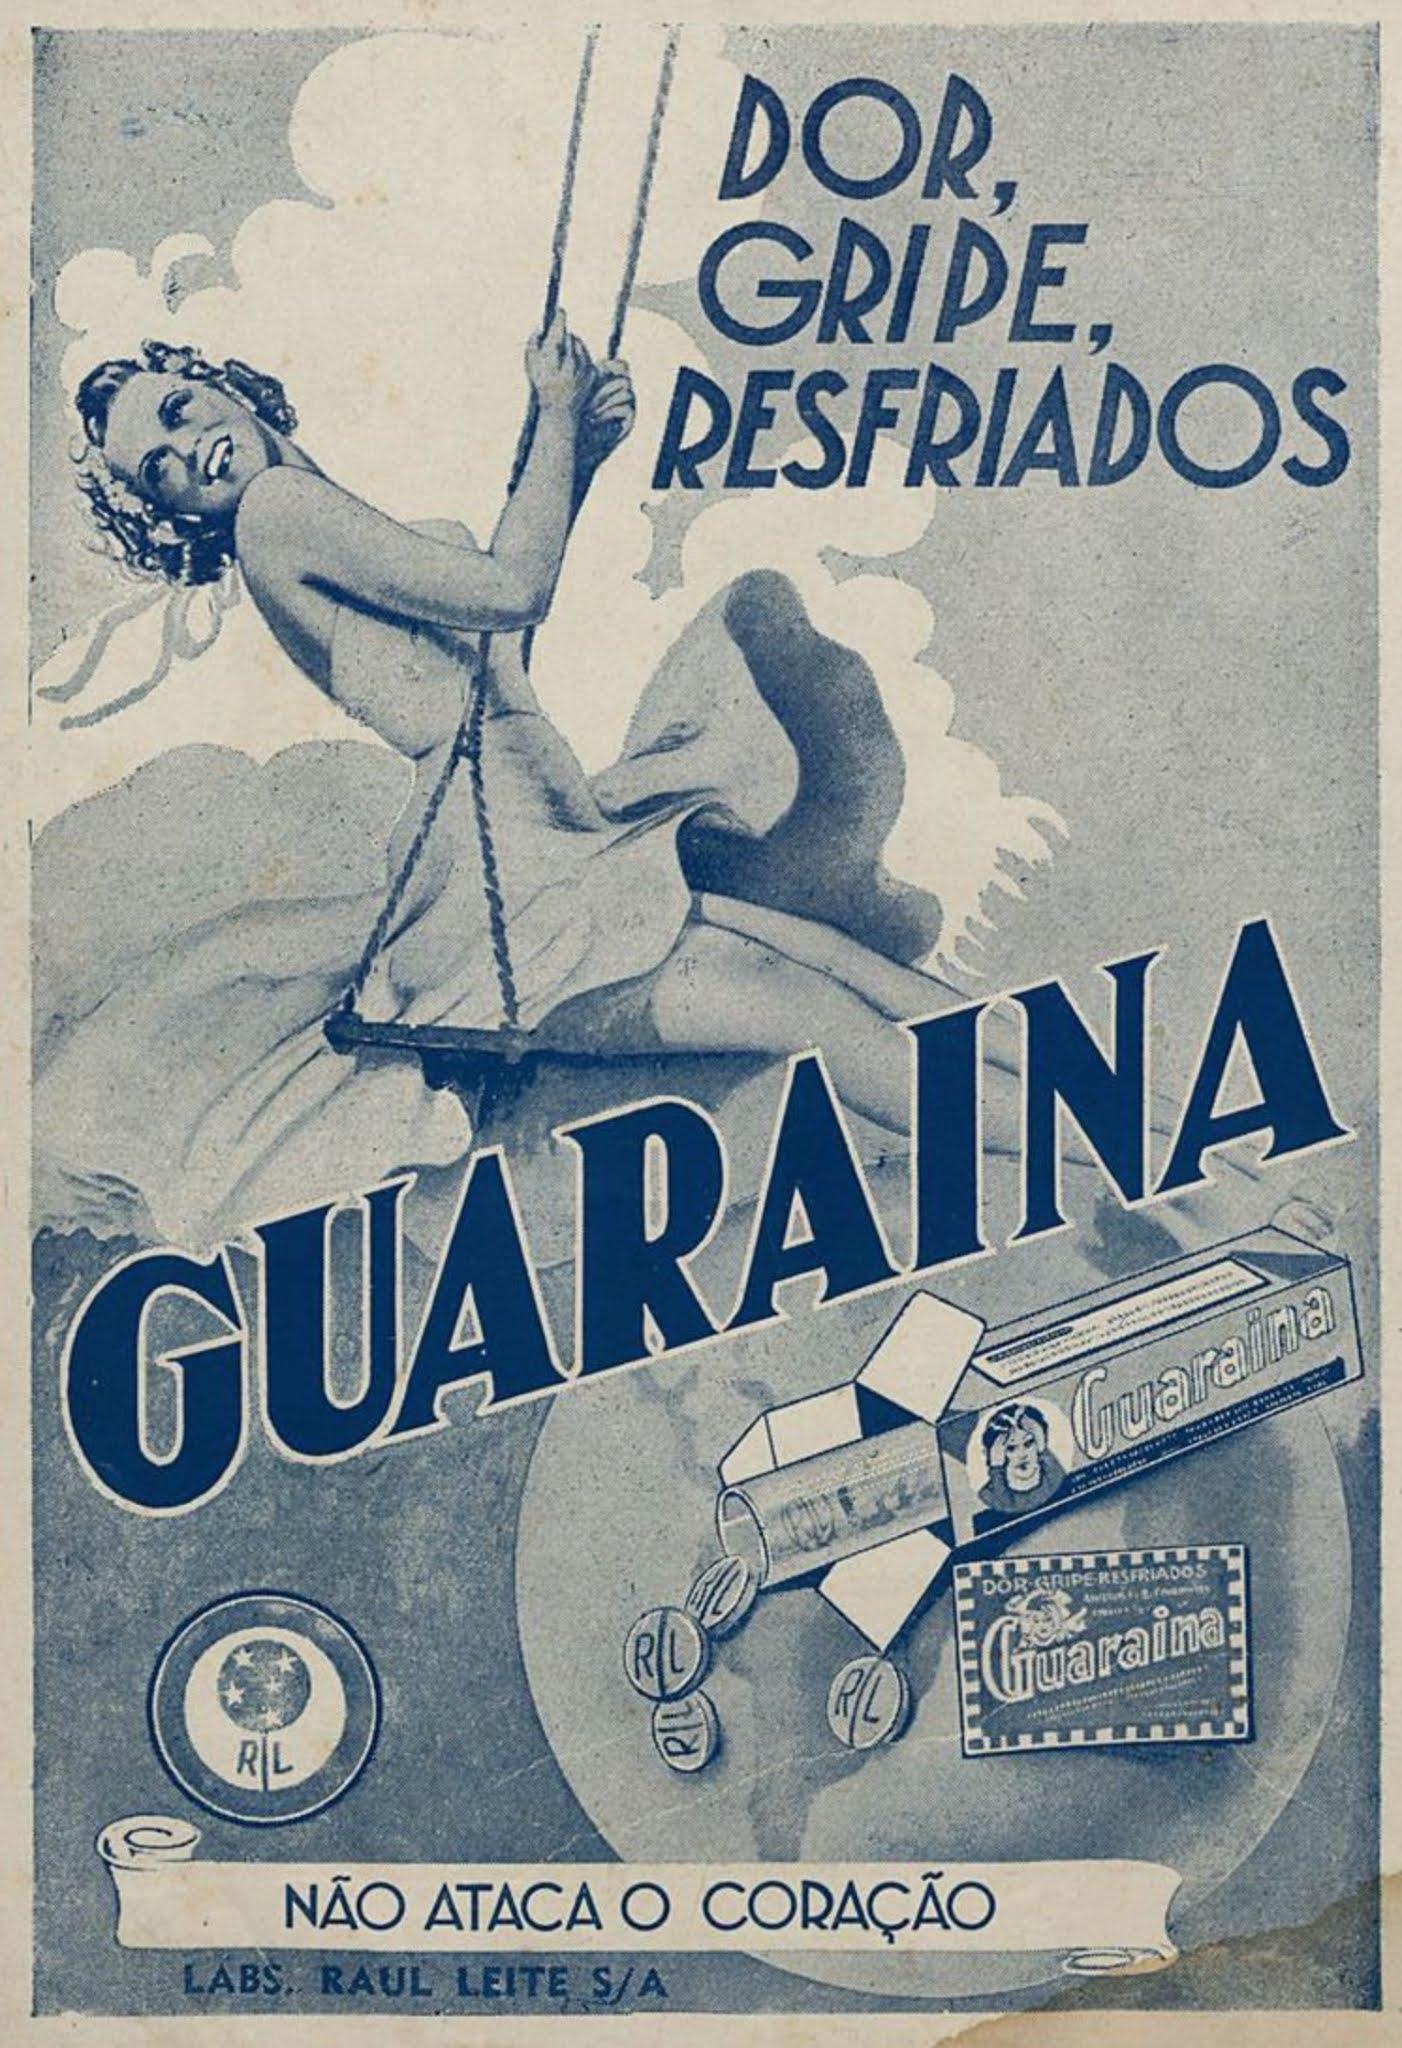 Propaganda antiga da Guaraína para gripes e resfriados veiculada em 1941